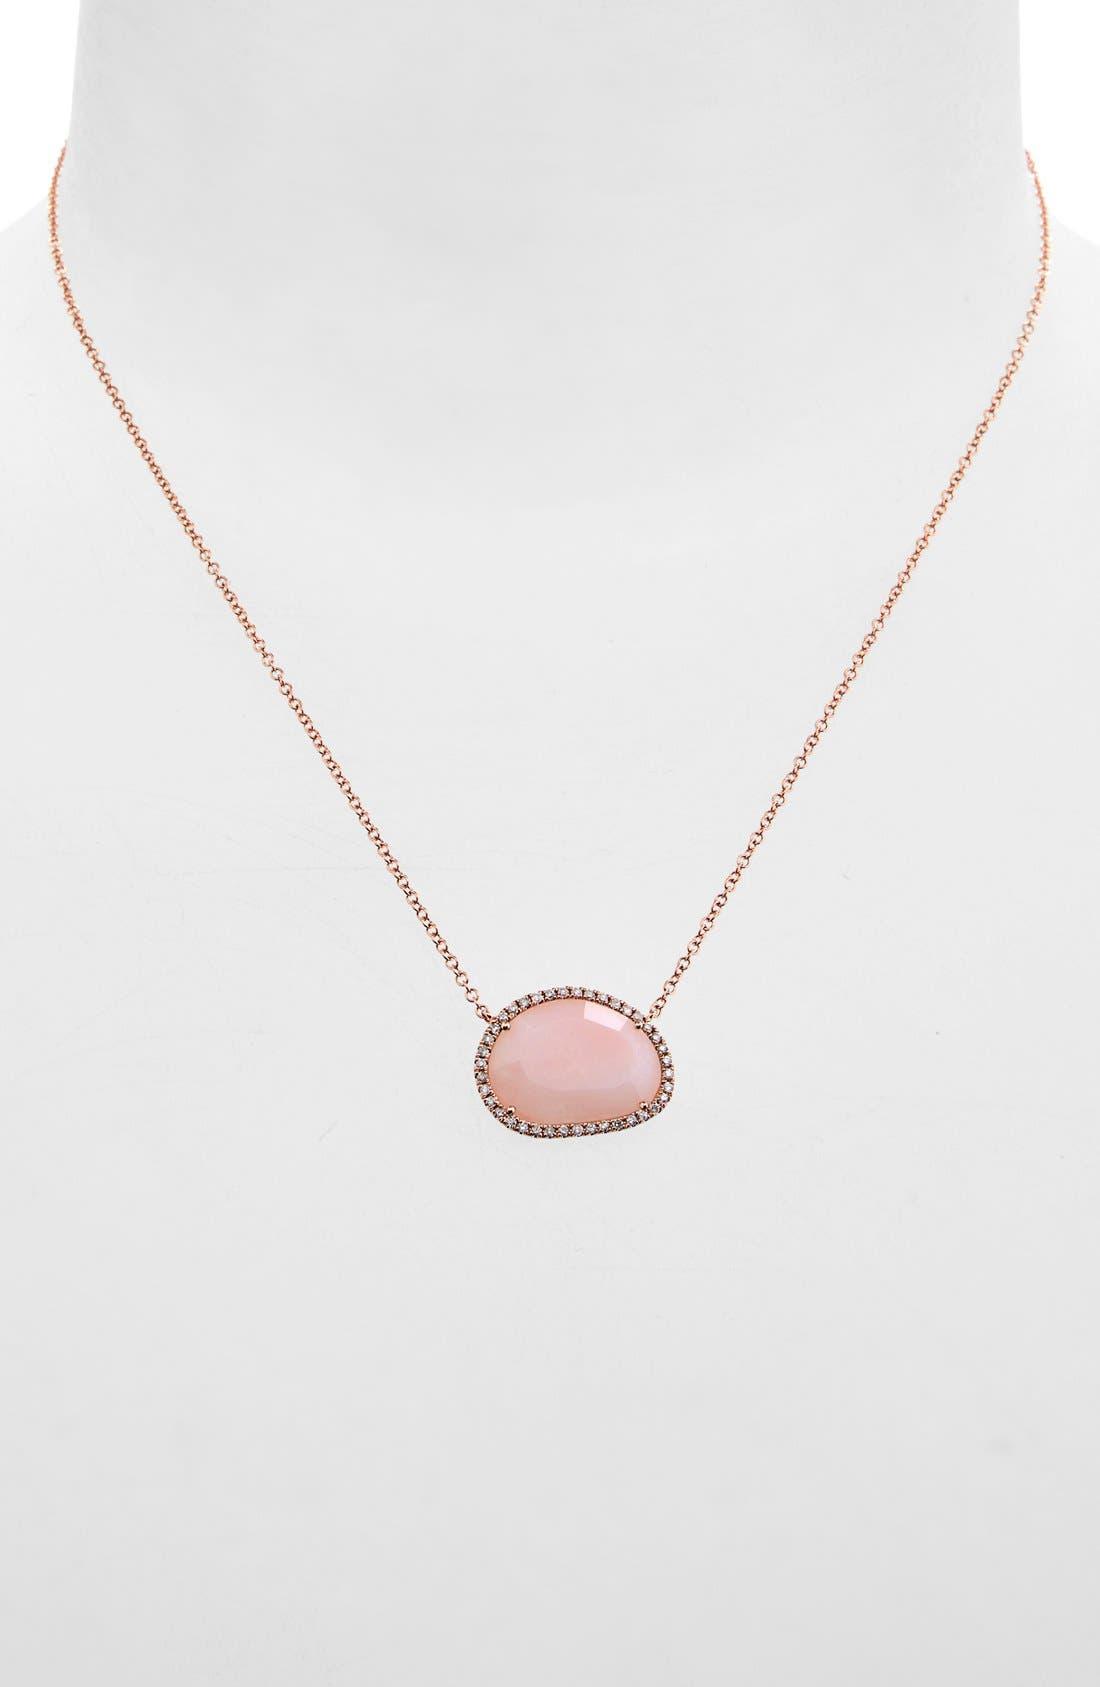 Main Image - MeiraT Semiprecious Stone & Diamond Pendant Necklace